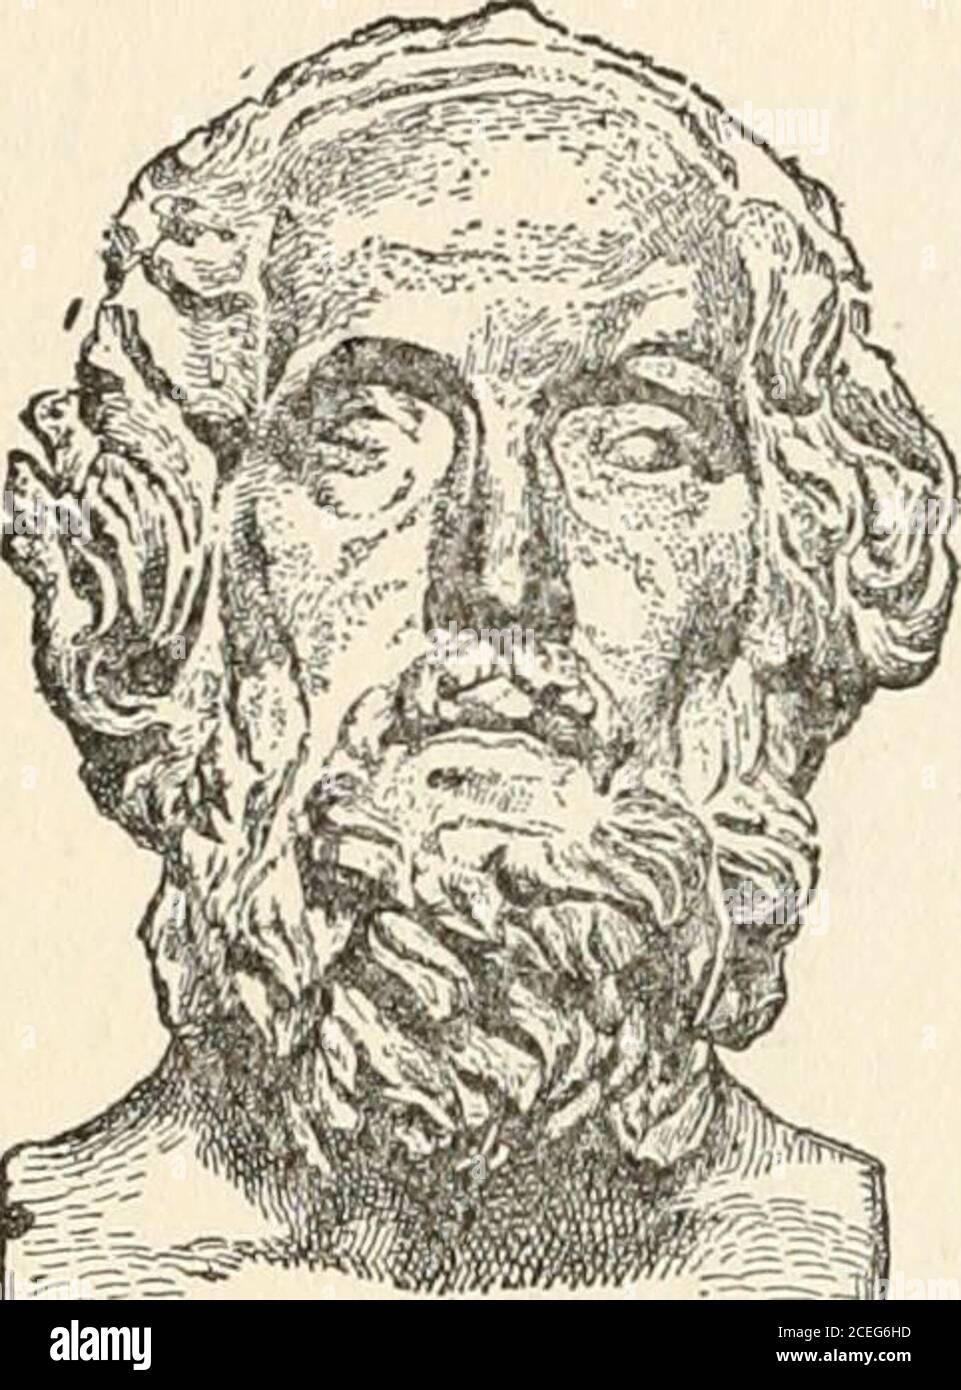 . Hommes de la Grèce ancienne, par Jennie Hall. enton. Après un certain temps, les garçons sont allés dans une autre chambre. Il y a un autre maître a enseigné themhow de faire des lettres sur des comprimés de cire. Ce n'est pas tellement amusant que la musique, pensait Socrates. Socrates 231 Tie Hoard les plus grands hoys dans la salle suivante.ils ont été réciter la poésie. J'y parviderai un certain temps, et ça va bien/ r~&gt ; tard dans la matinée, son cours a pris une autre chambre. Là, ils ont commencé à faire du tolearn pour compter. À la fin de cette école était terminée pour le matin. Chaque corps a ri et crié dans le thecourt. Les pédagogues de TH Banque D'Images